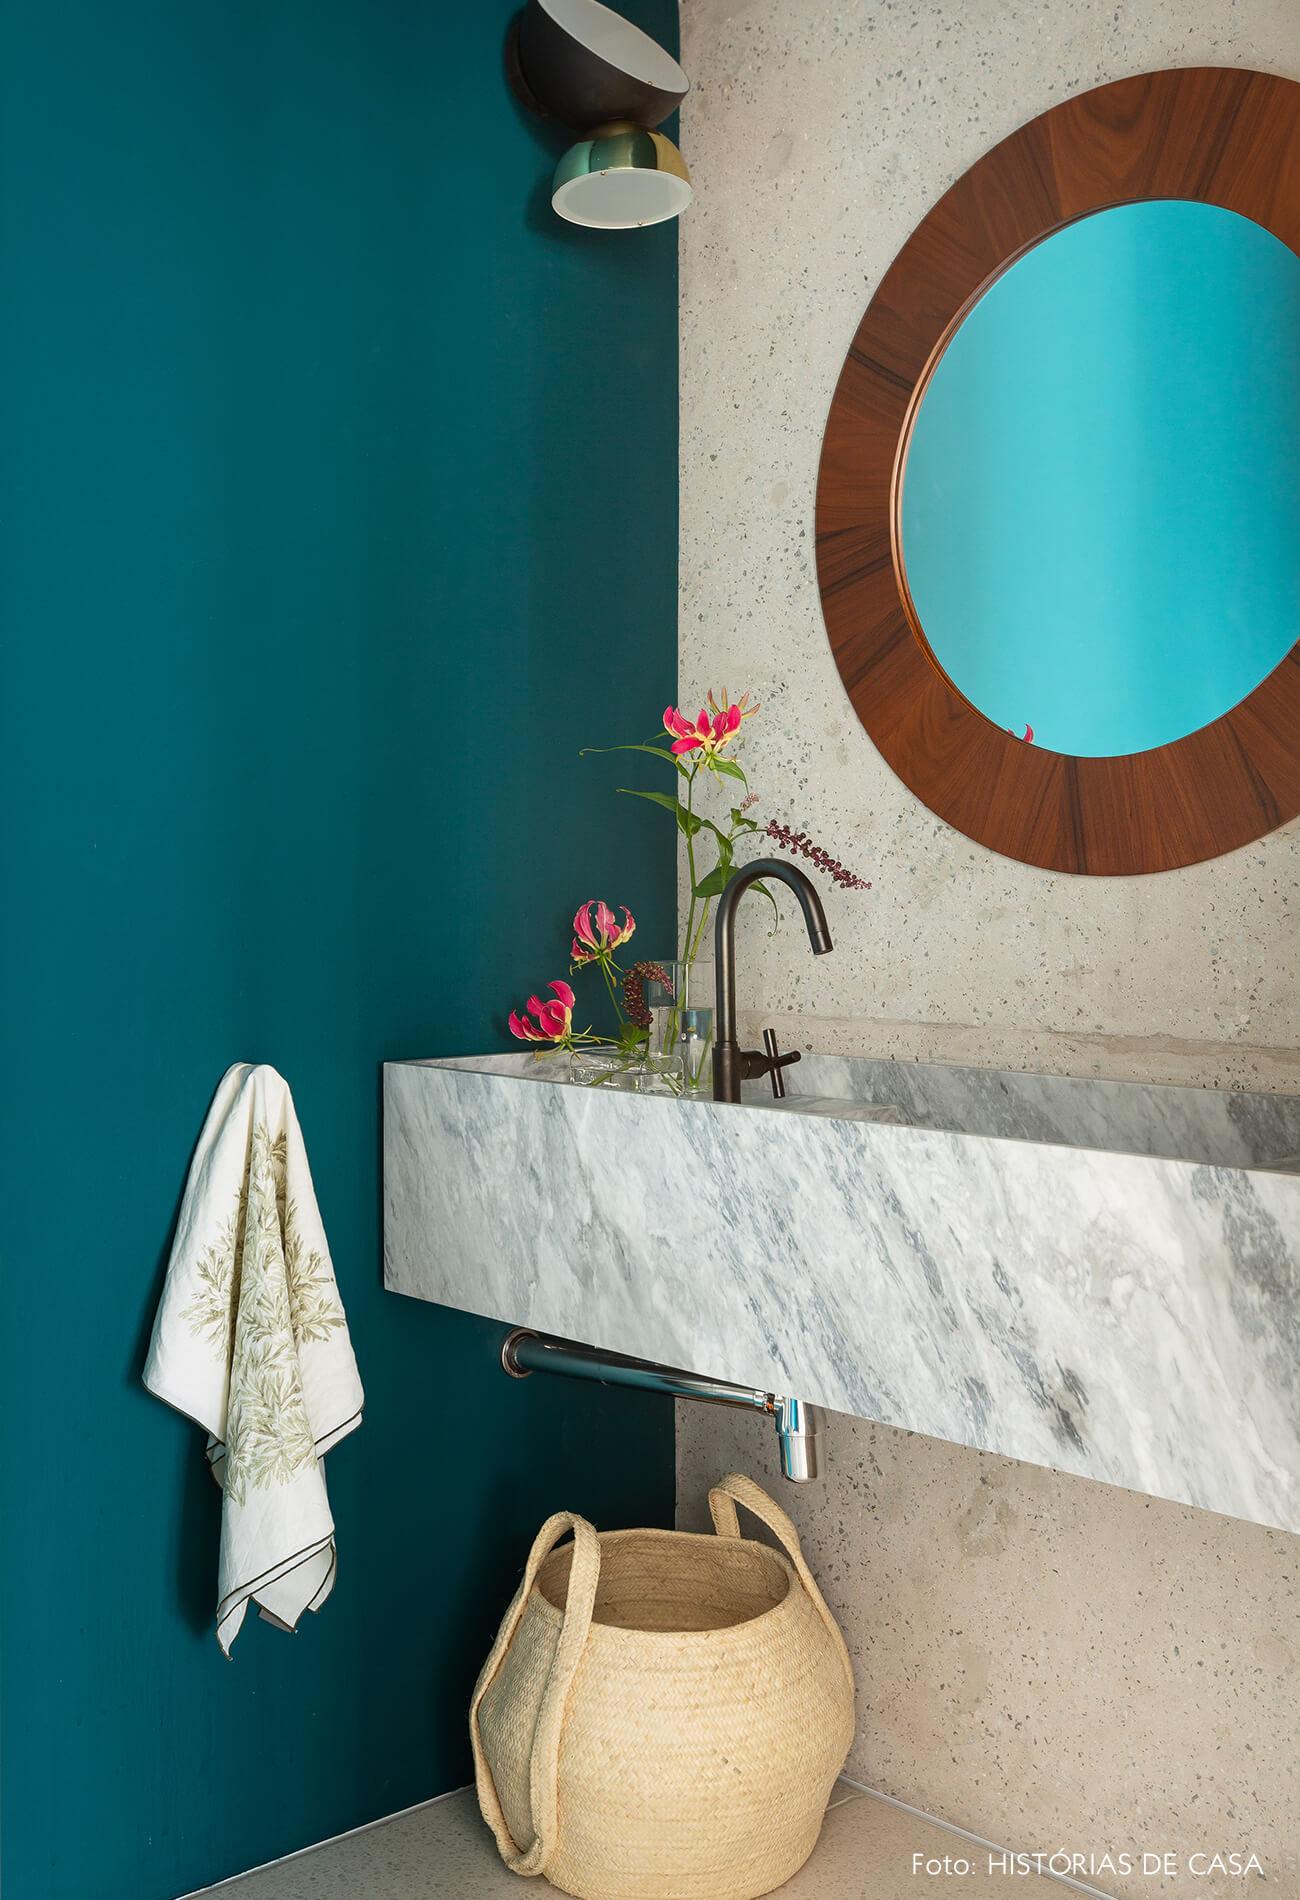 Lavabo com parede colorida e espelho redondo